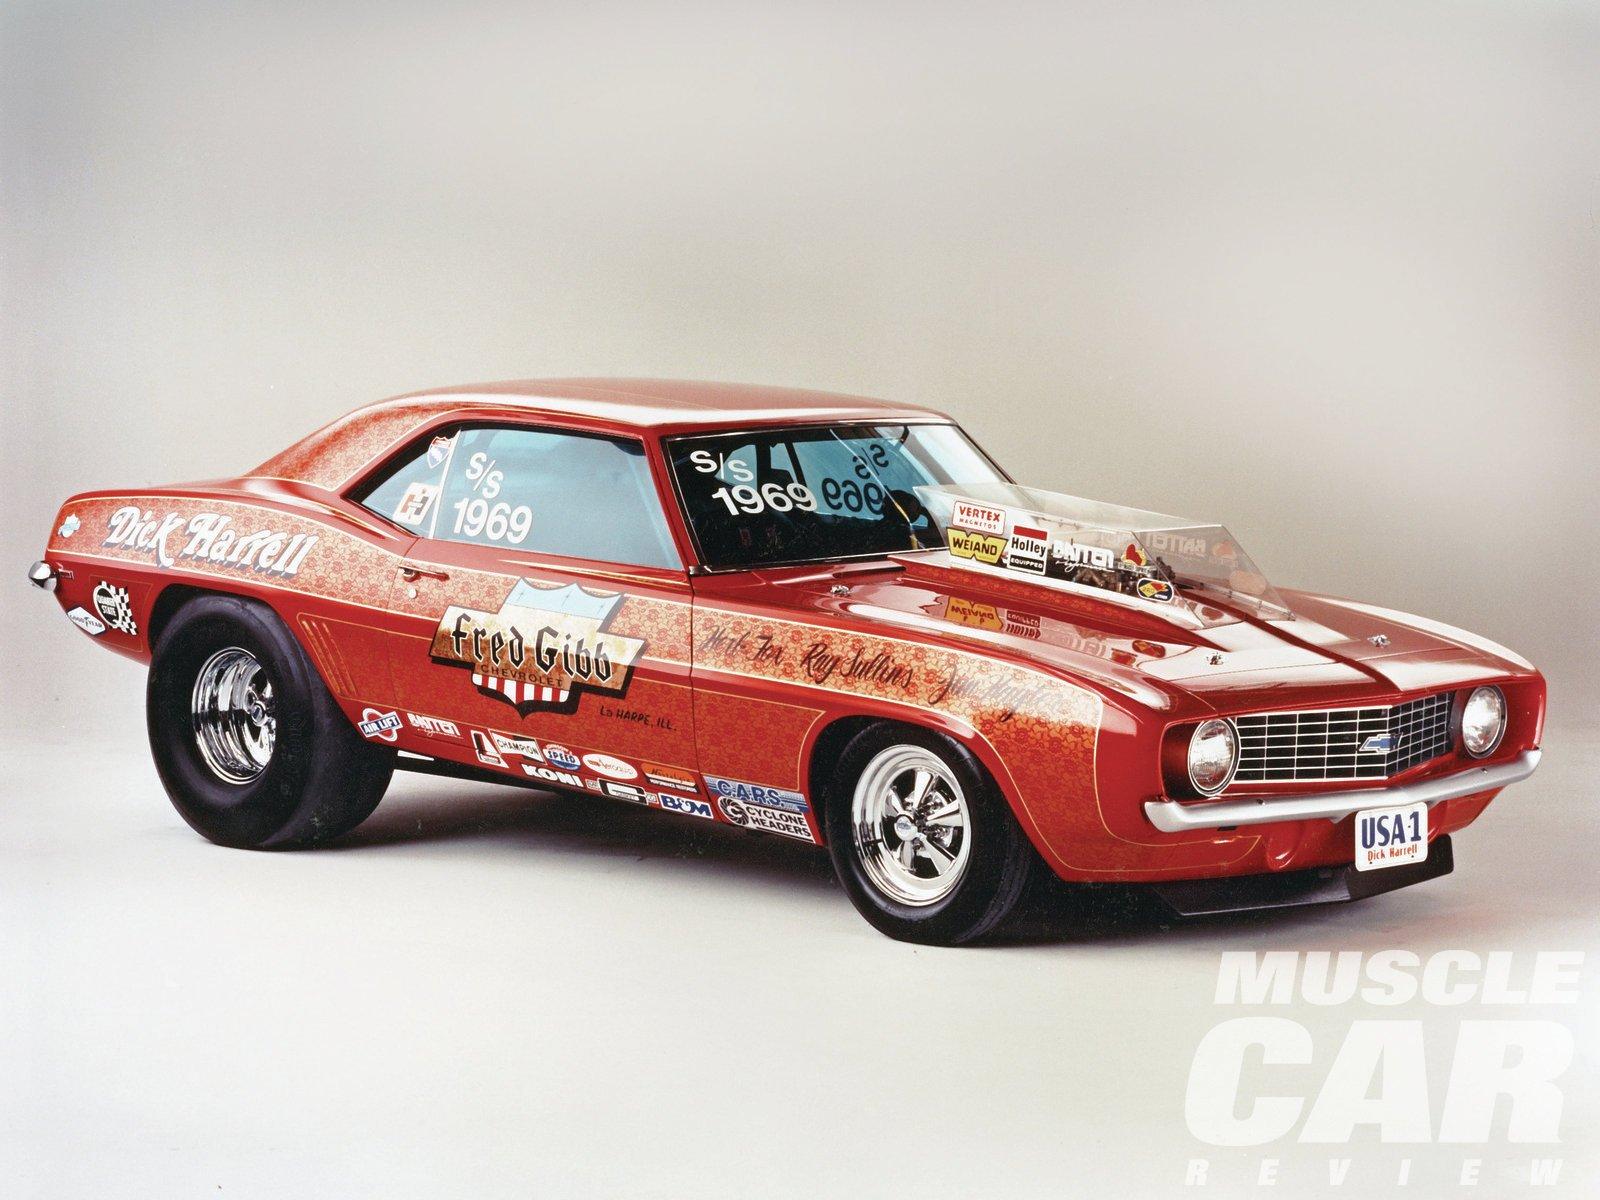 1969 Chvrolet Camaro Pro Street-01 wallpaper